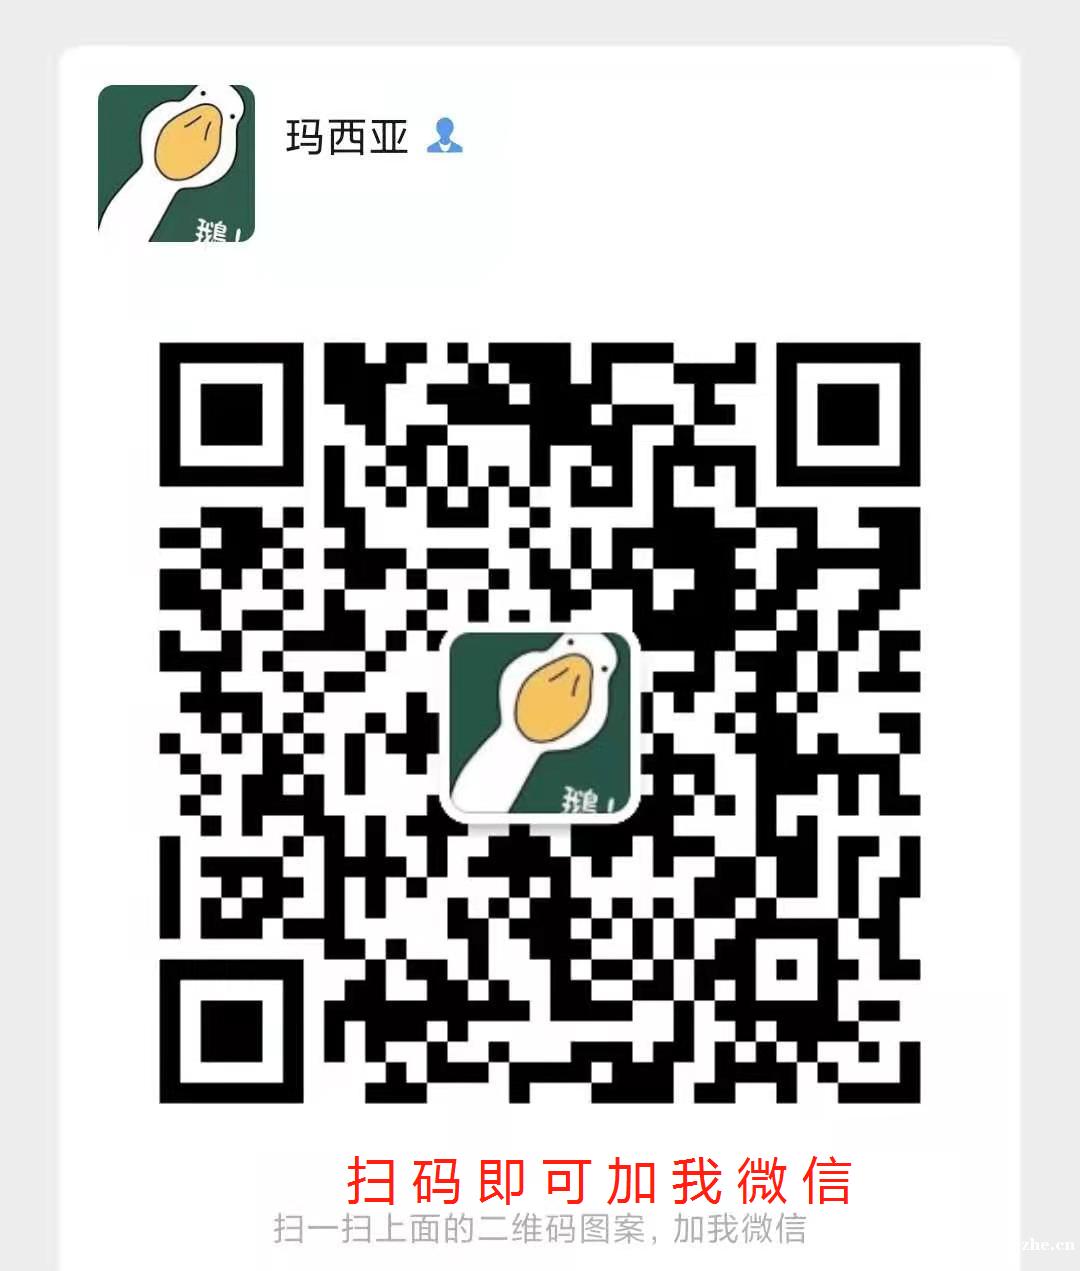 重庆市2021重庆市2021酉阳特种作业塔吊司机上岗证好久可